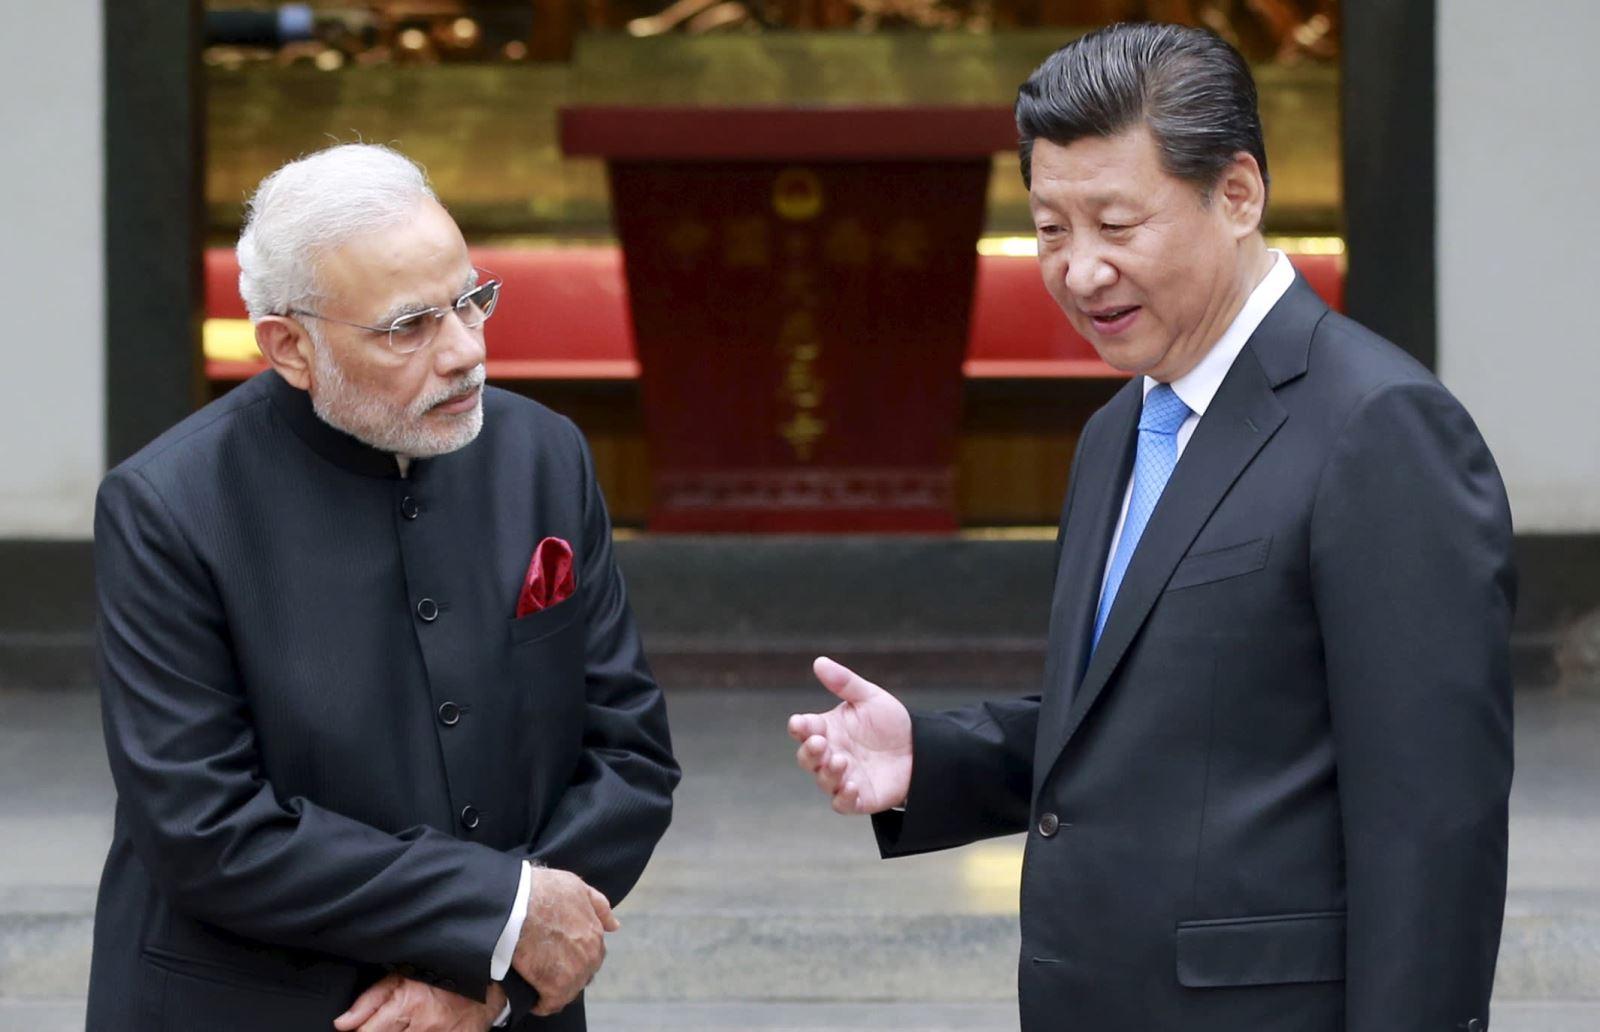 Thủ tướng Ấn Độ Narendra Modi (trái) và Chủ tịch Trung Quốc Tập Cận Bình. Ảnh: AFP